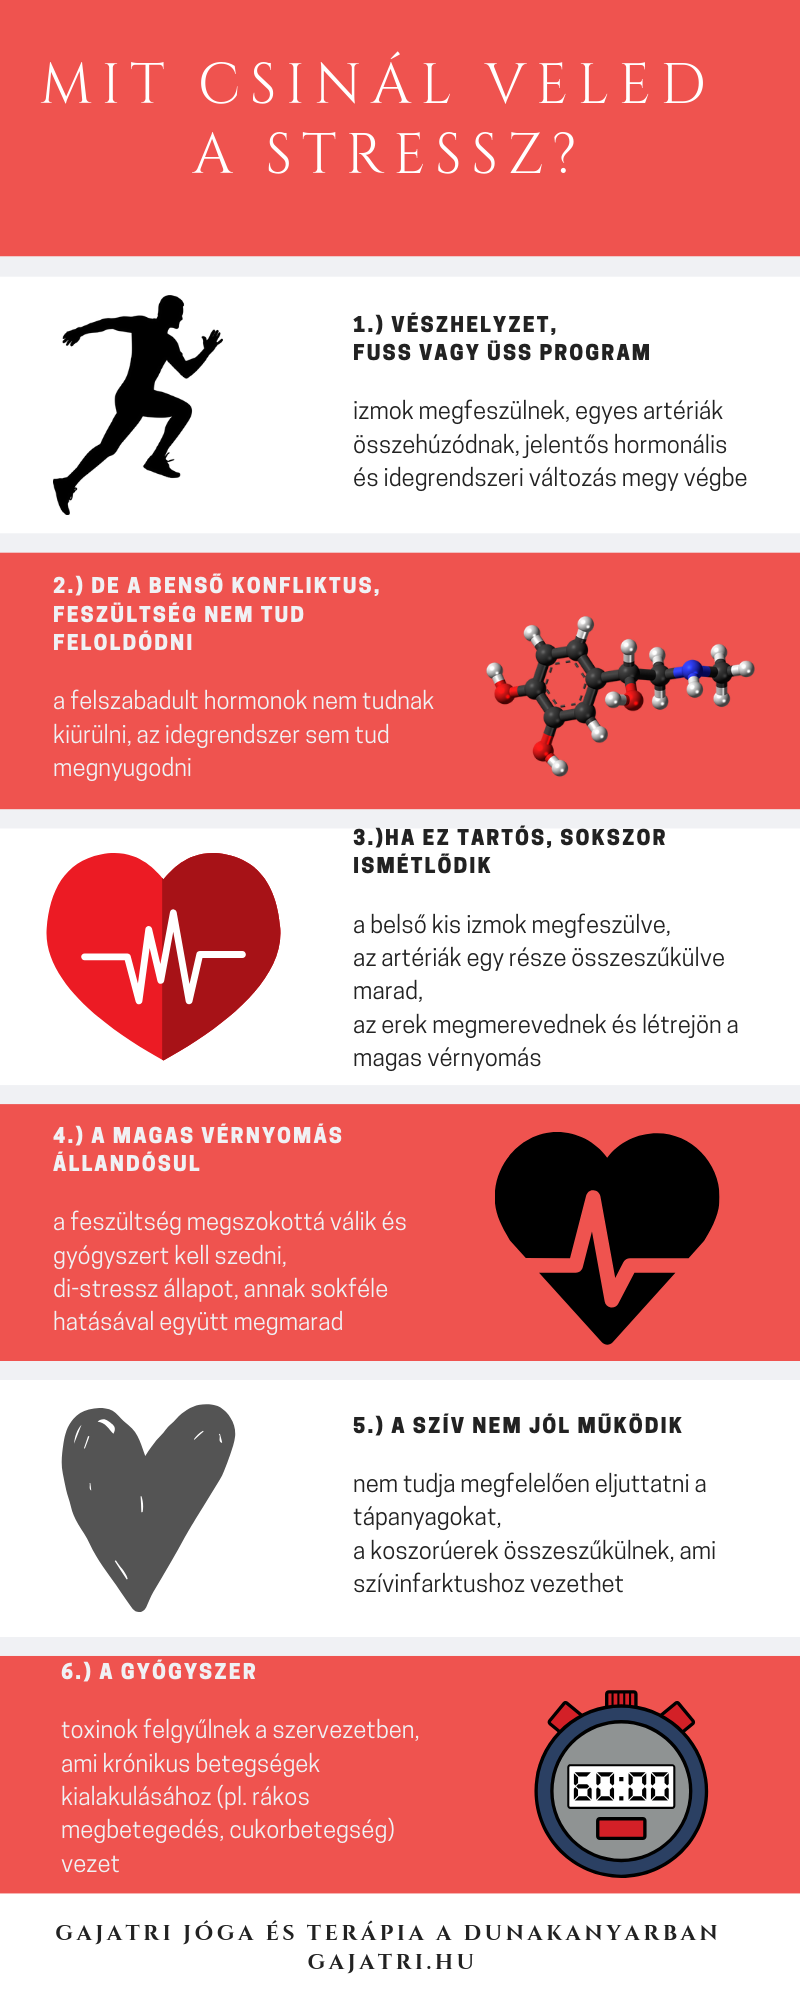 stressz és magas vérnyomás képek mi ez a betegség bél hipertónia